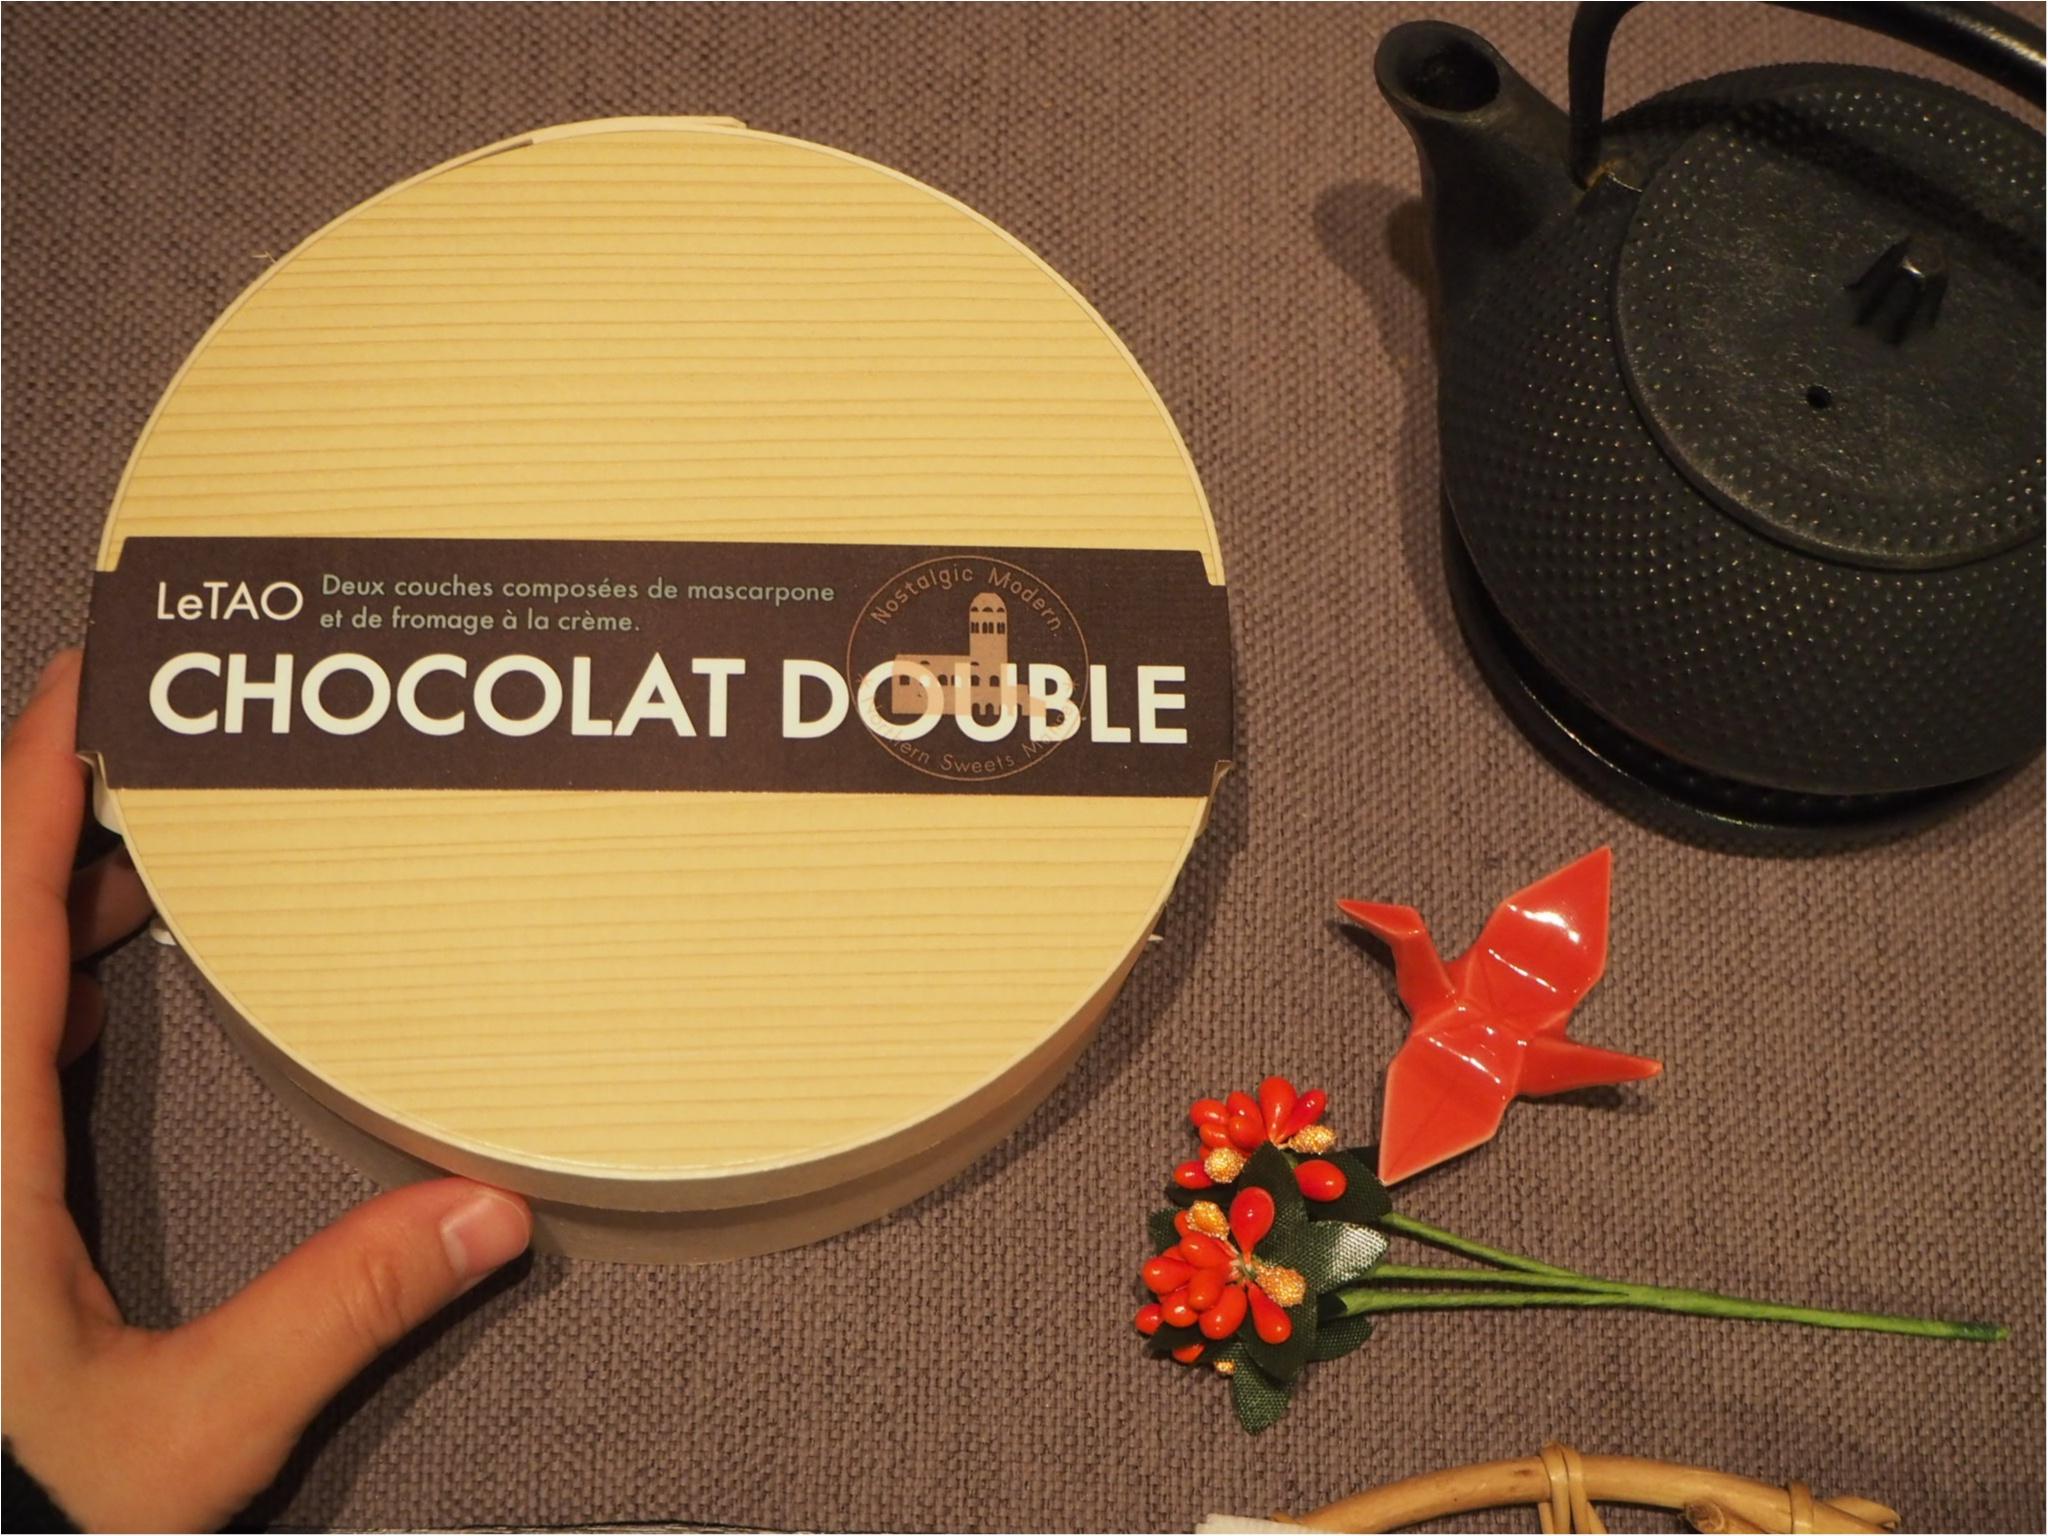 【バレンタインデー直前】彼と2人で食べたいチョコレートは1つで2度楽しめるコレに決定♪_1